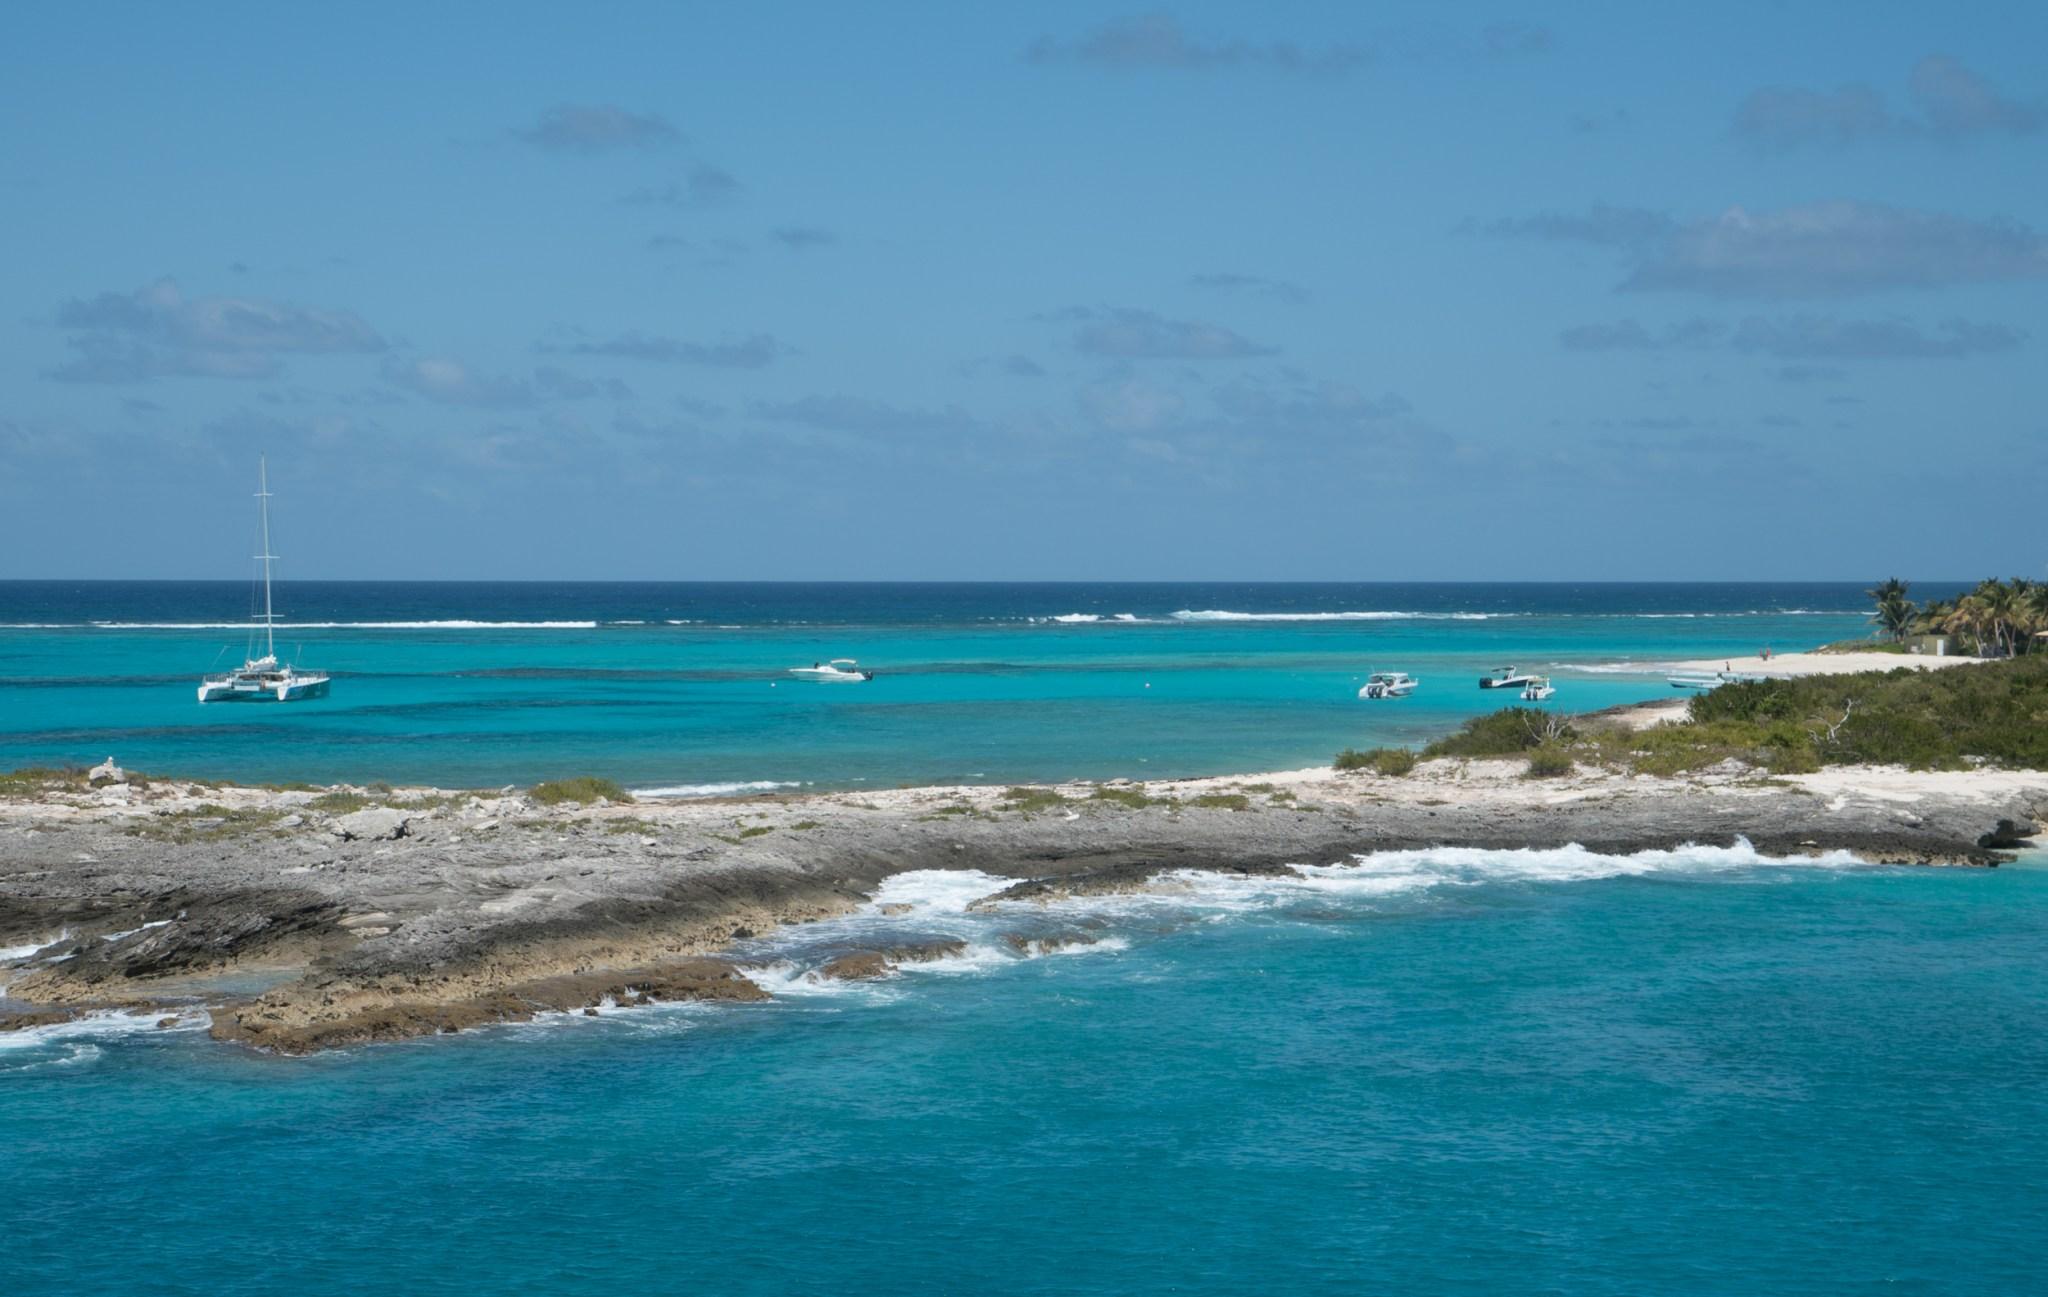 Hinasimme Jaakon mastoon ottamaan kuvia. Saaren toisen puolen ranta pilkottaa kuvista.